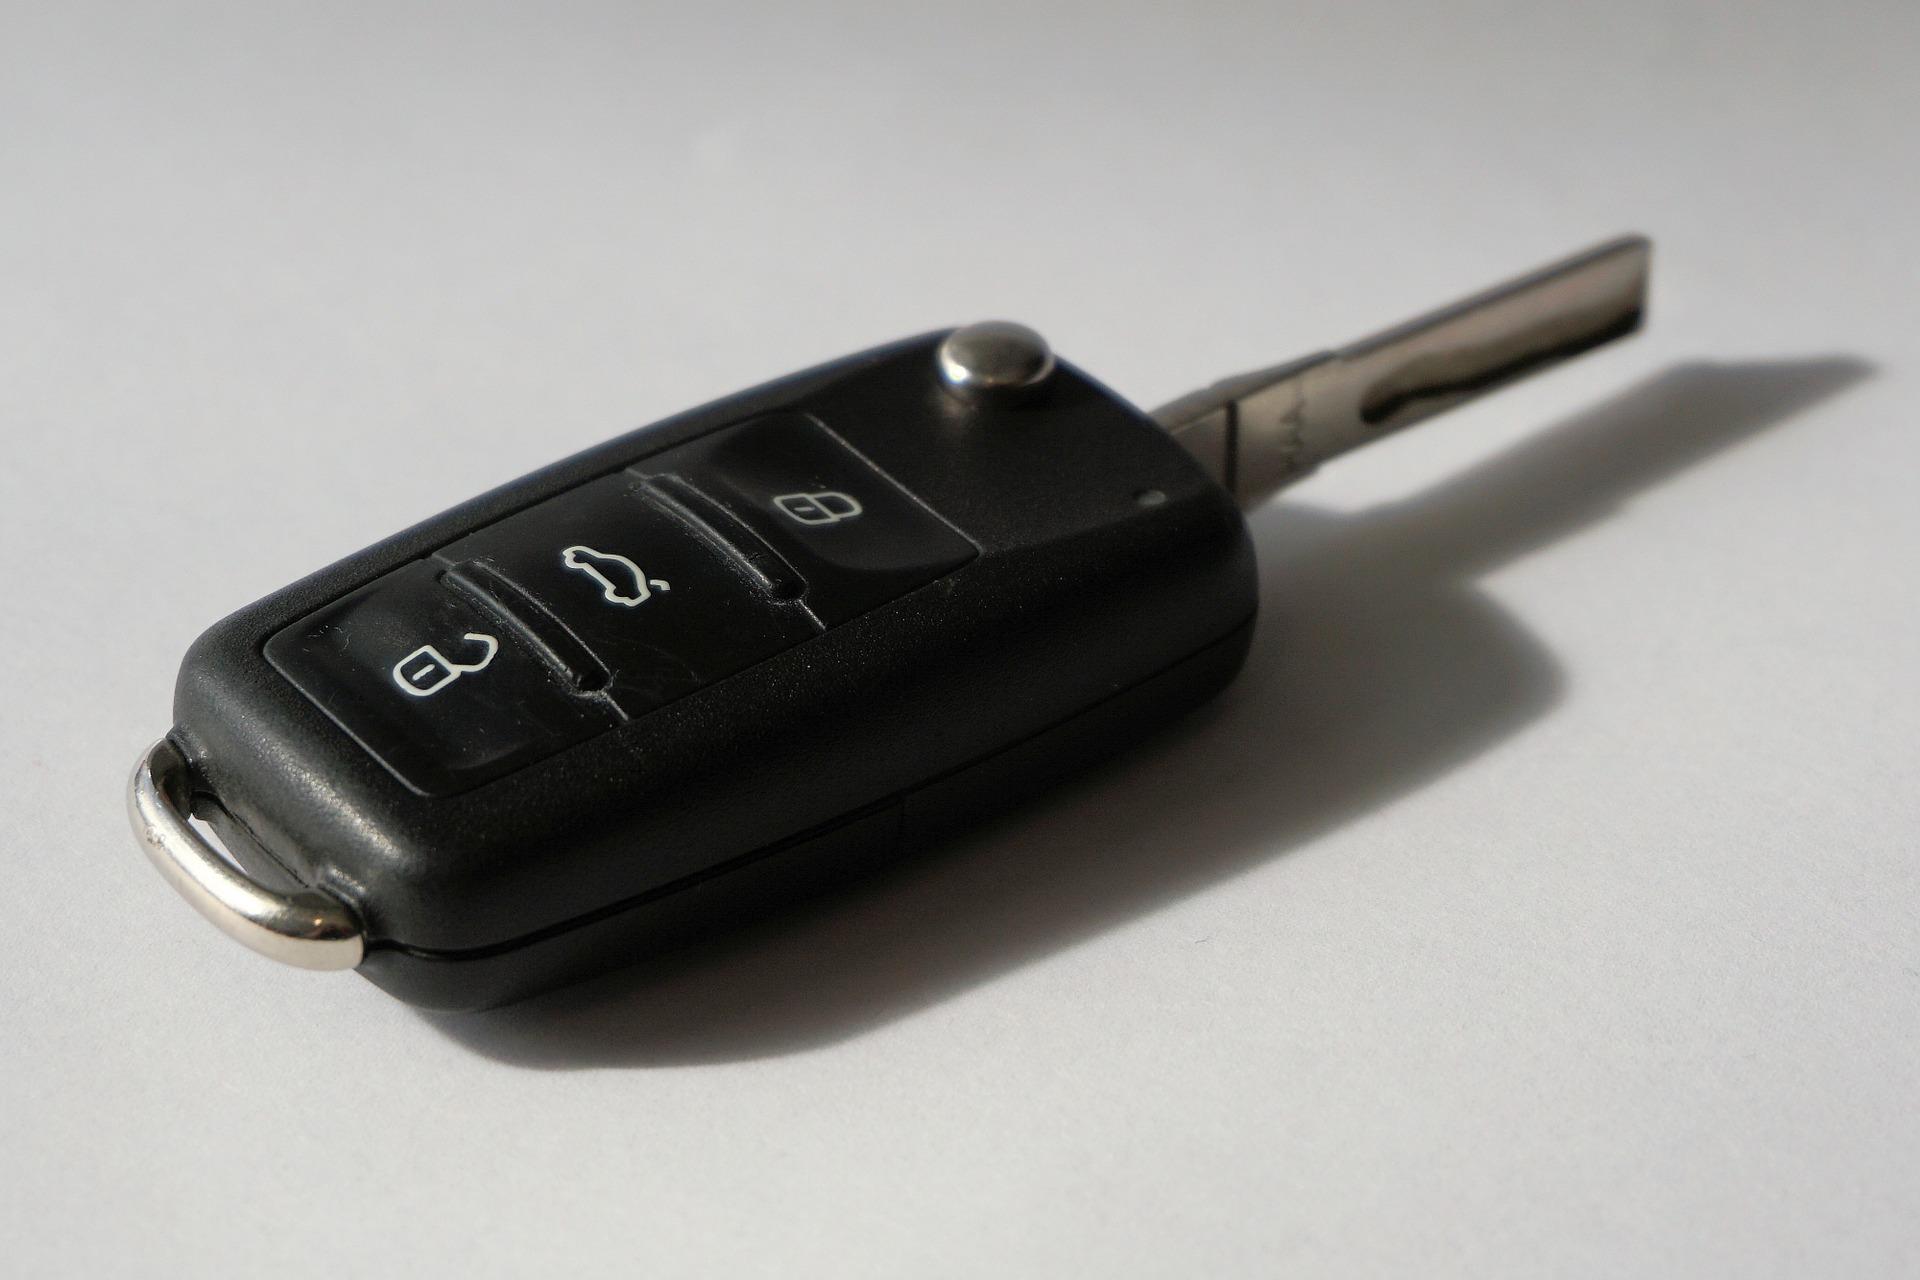 Ny bilnøgle til bilen